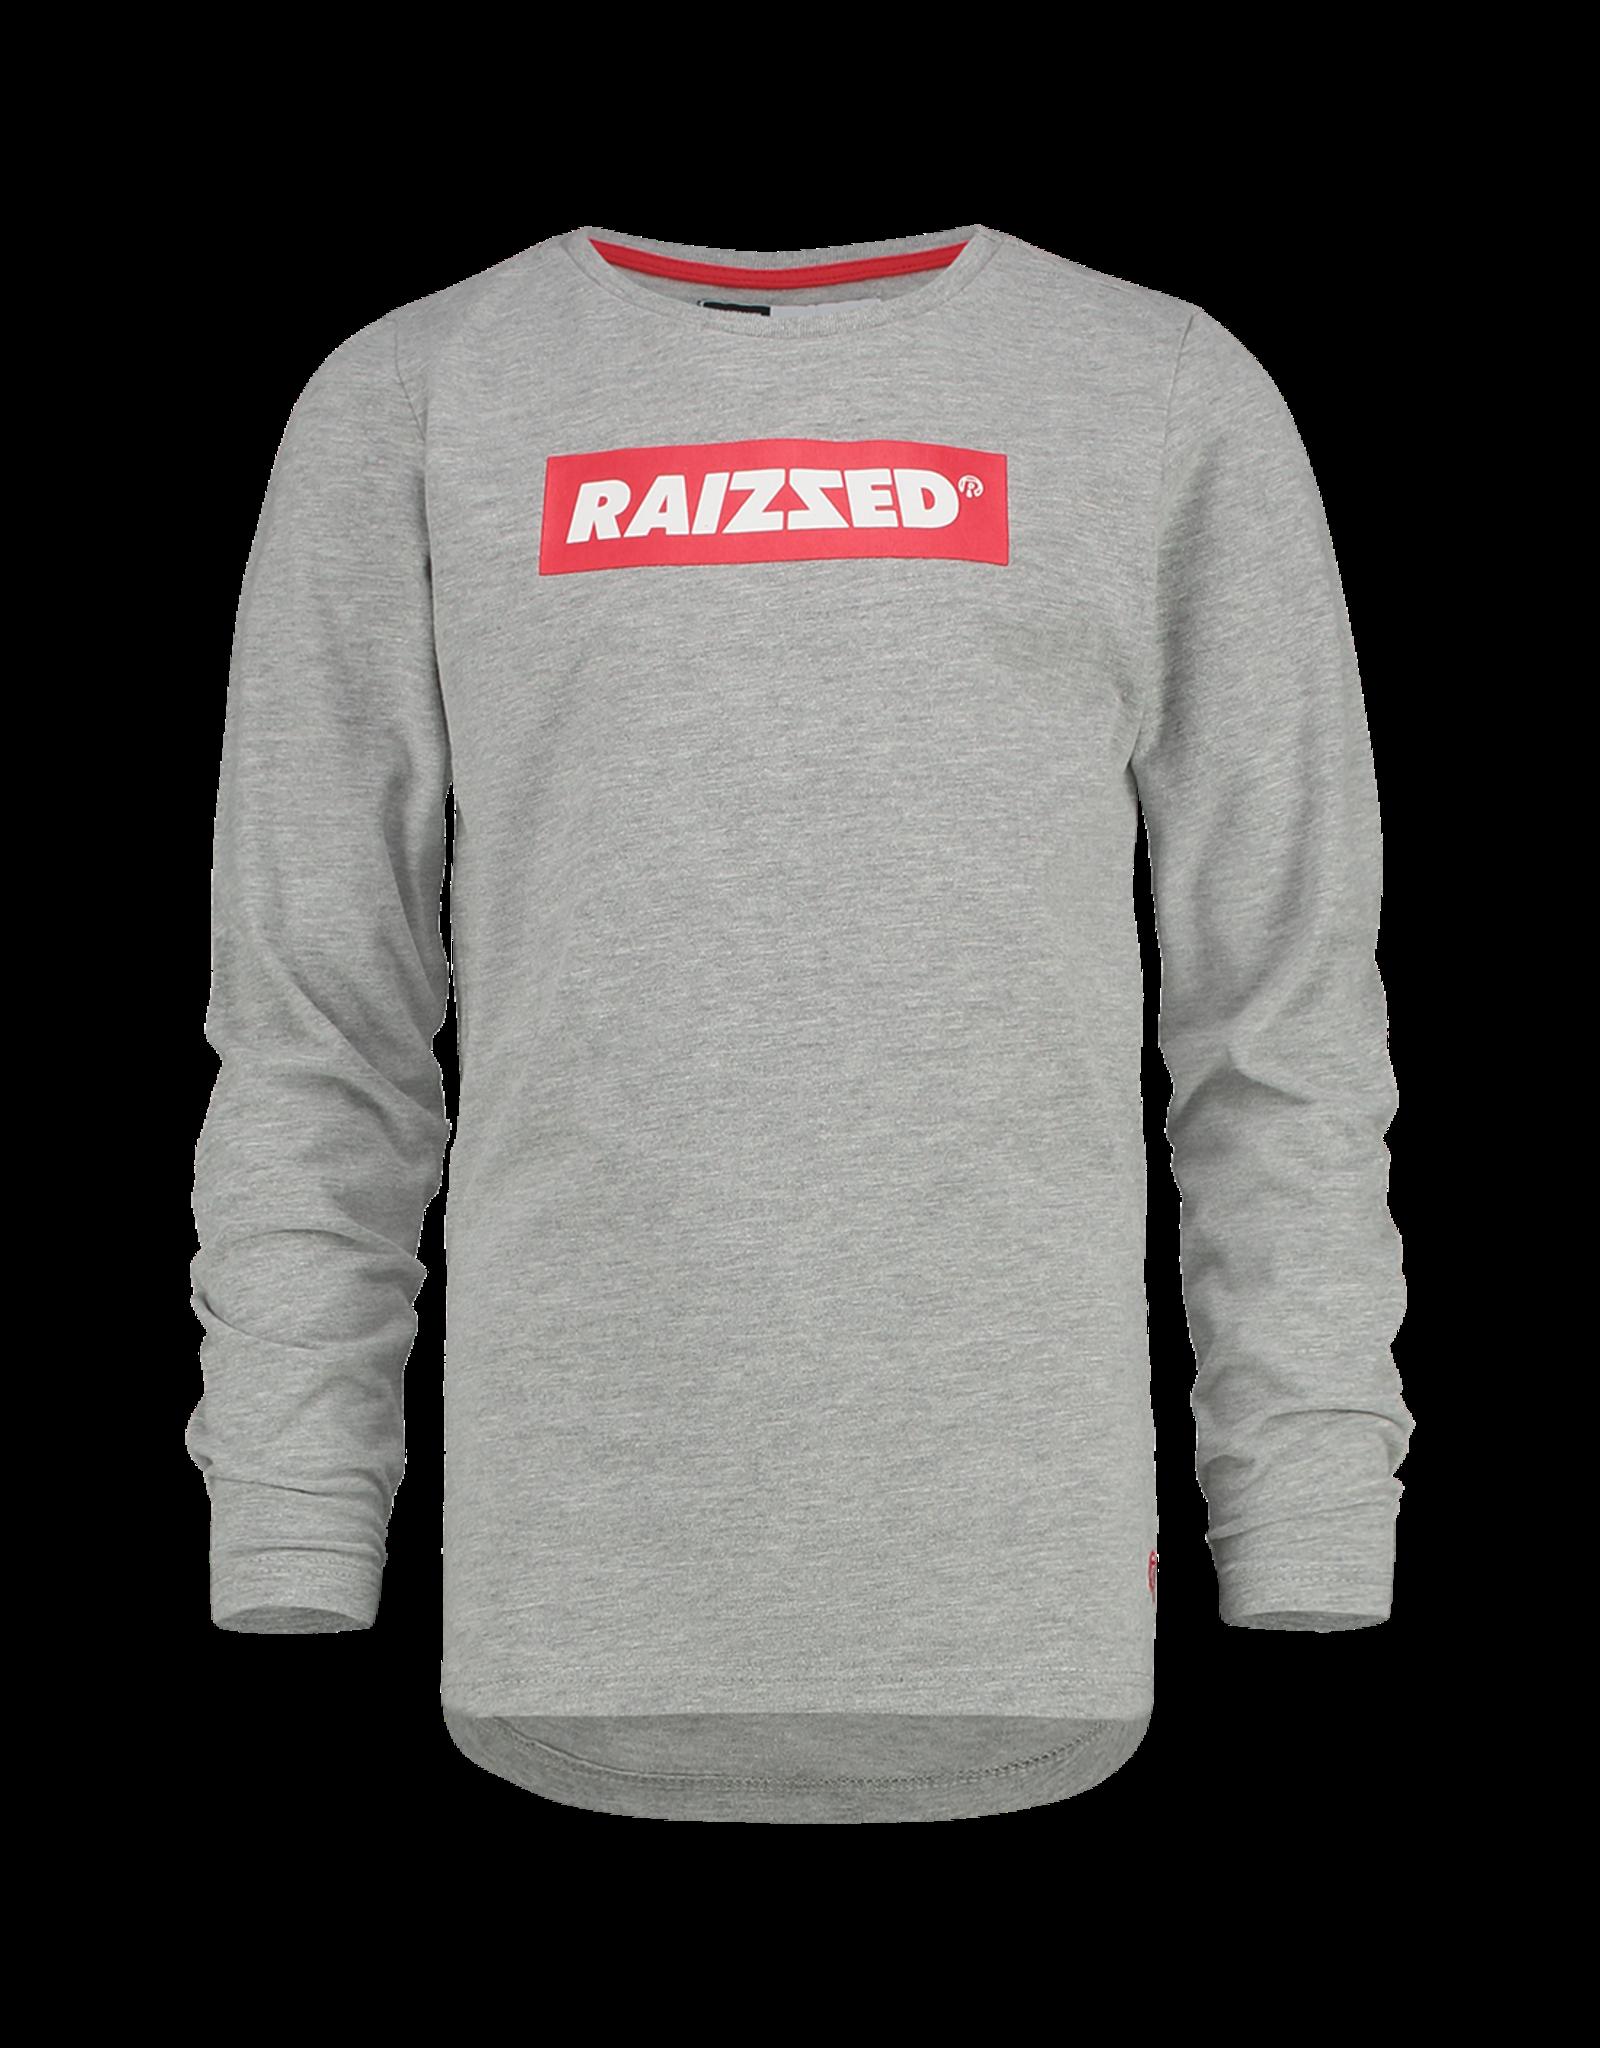 Raizzed Jakarta Grey mele